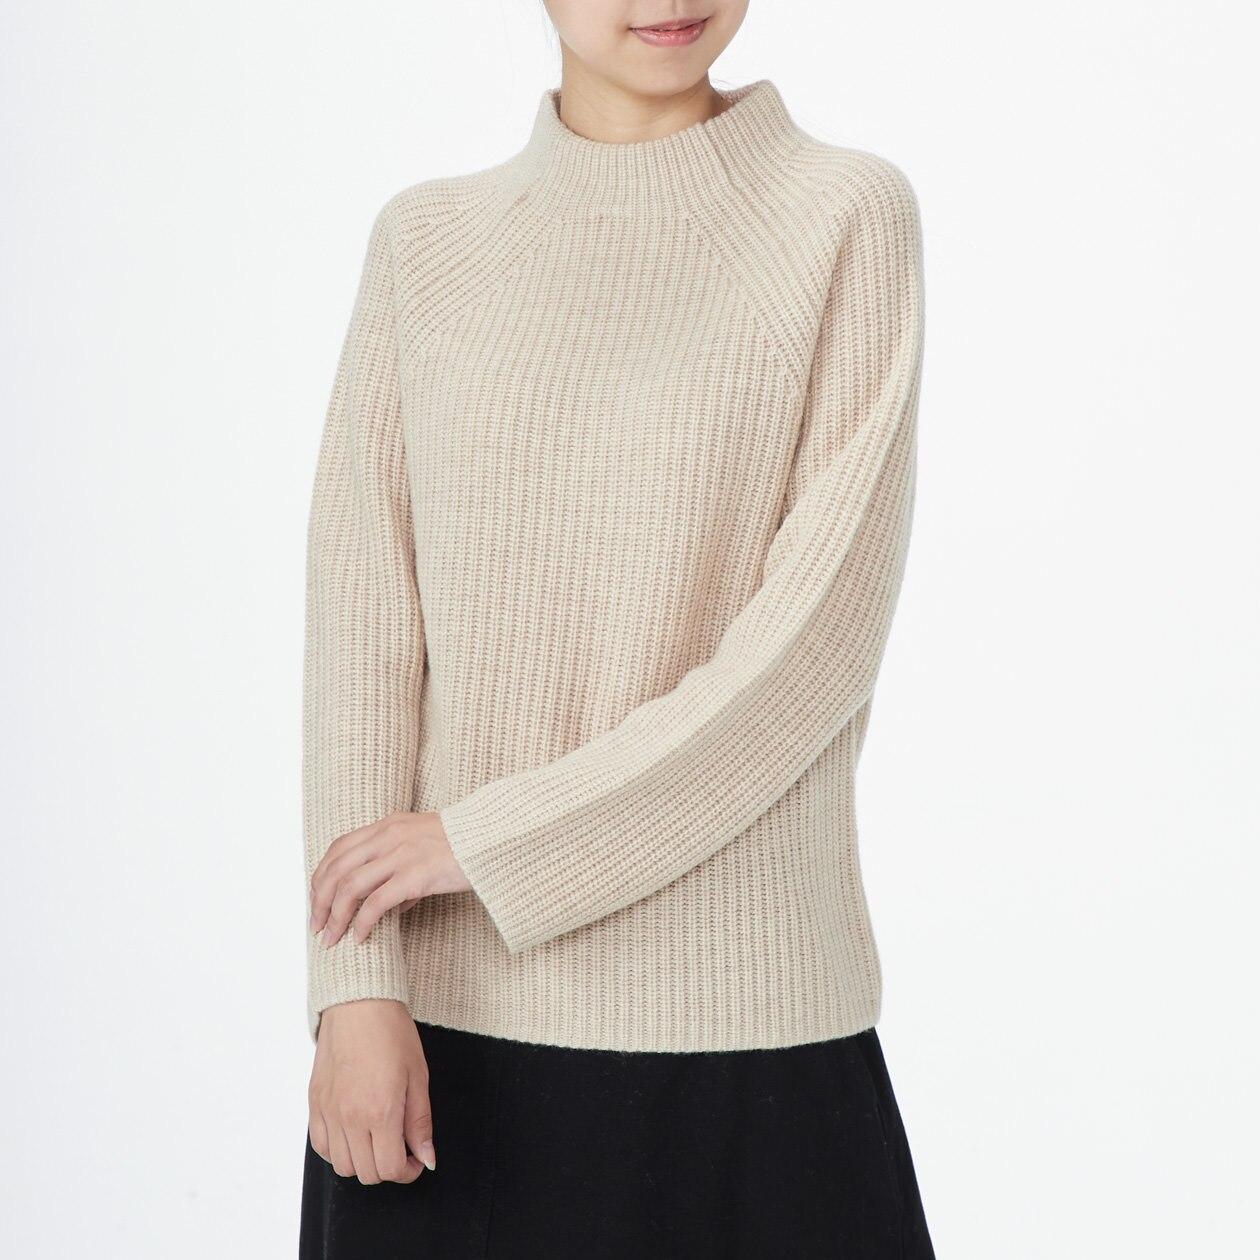 ヤク入りウール畦編みボトルネックセーター